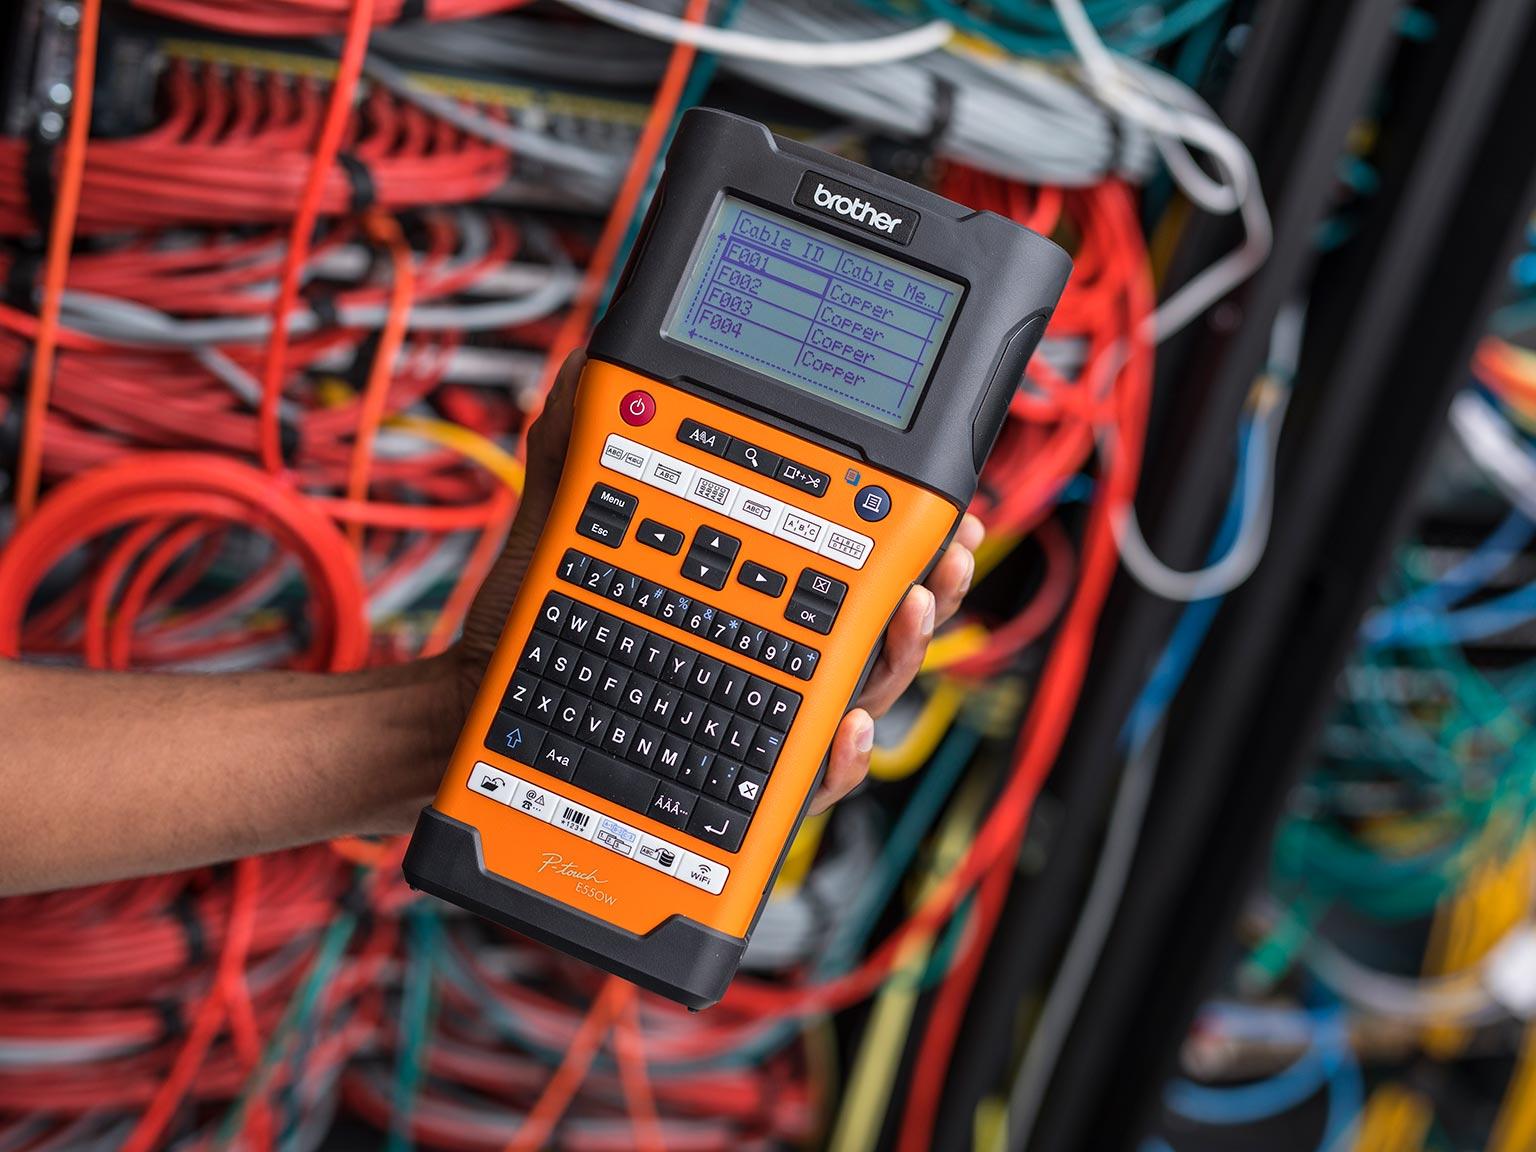 PT-E550W Beschriftungsgerät in der Hand vor Netzwerkkabeln gehalten